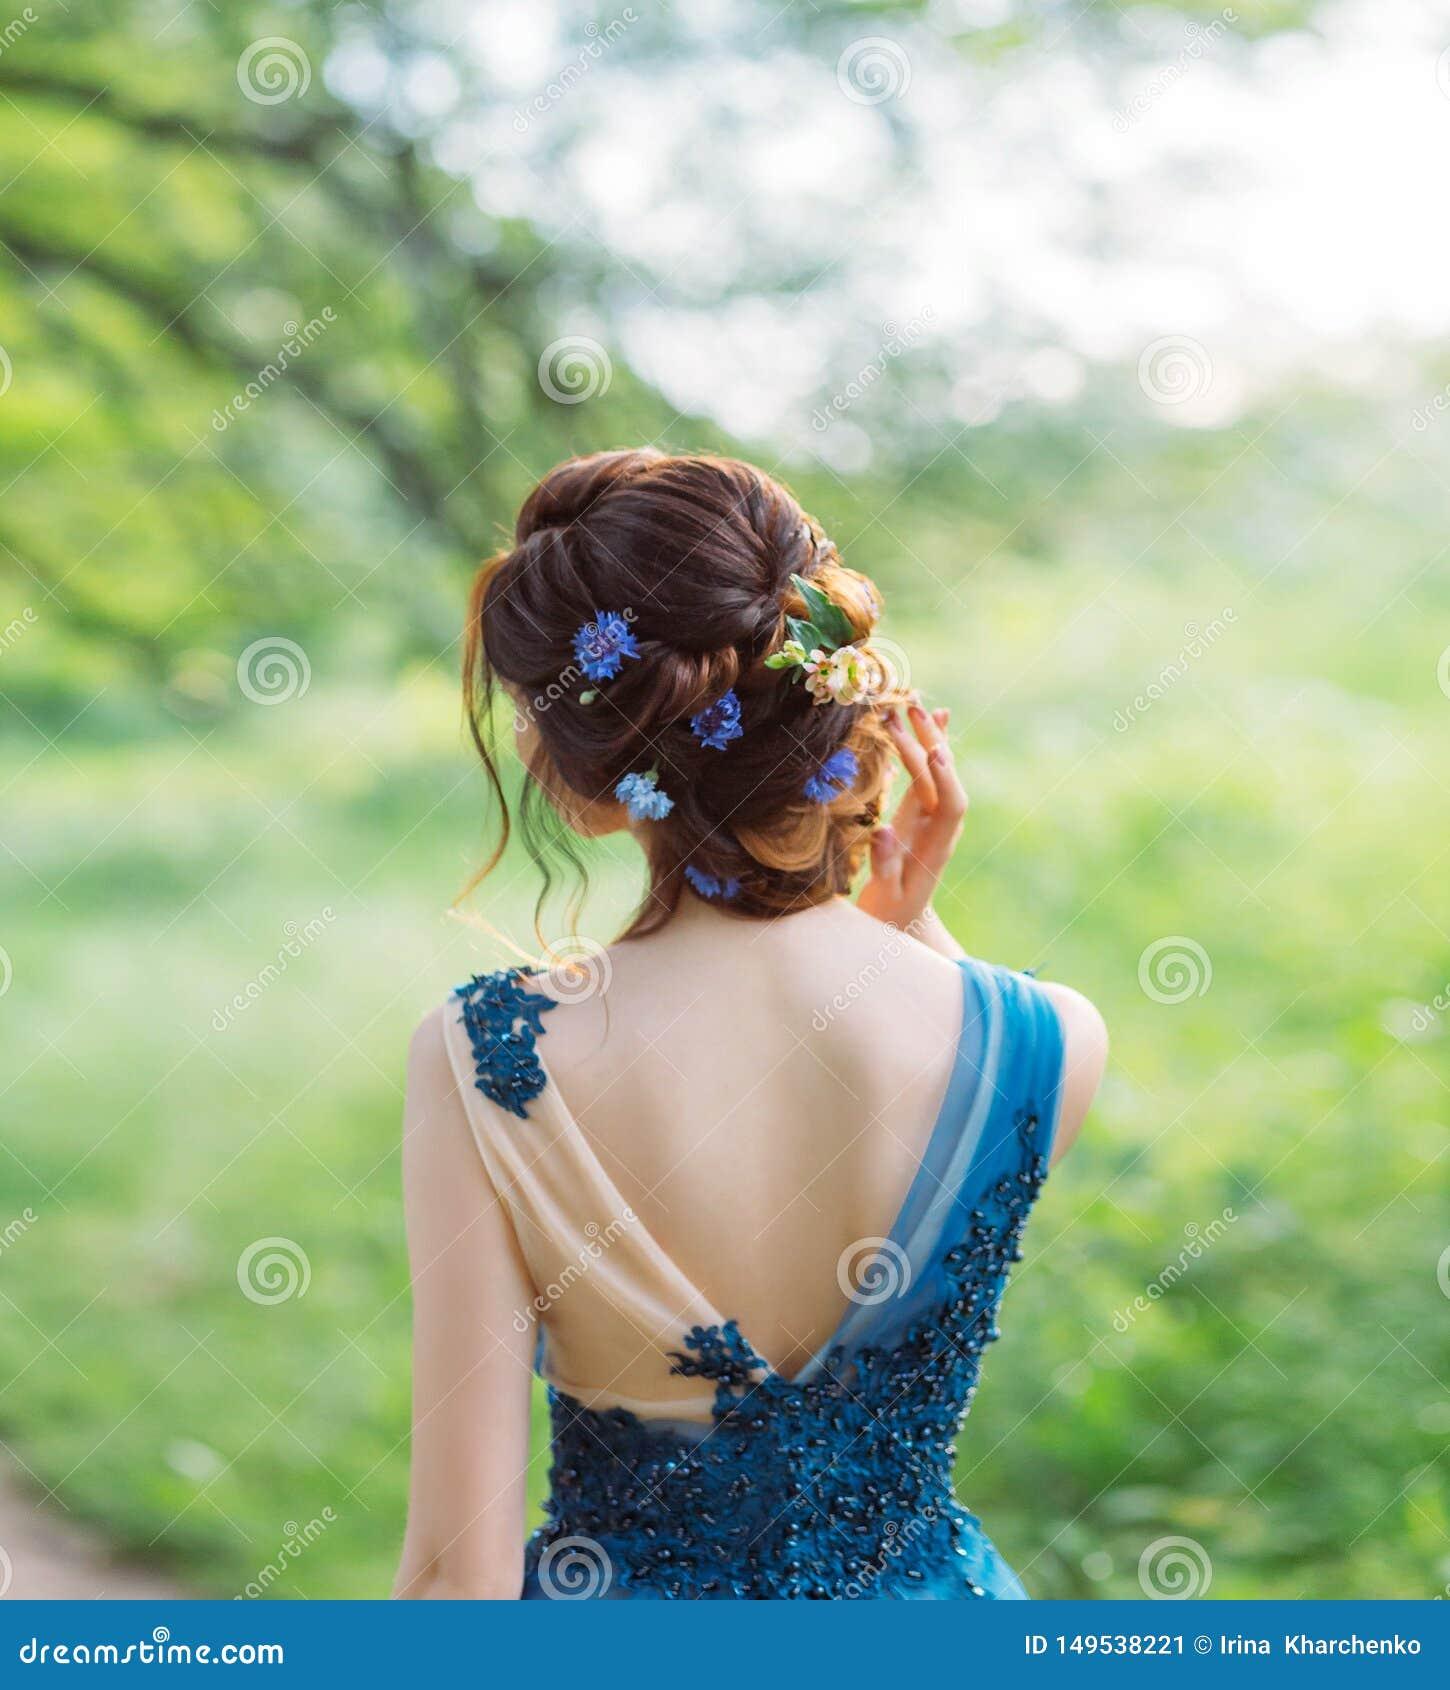 Необыкновенный крутой шикарный стиль причесок для длинных темных волос, работа парикмахера, изображение для градации и свадьба, н